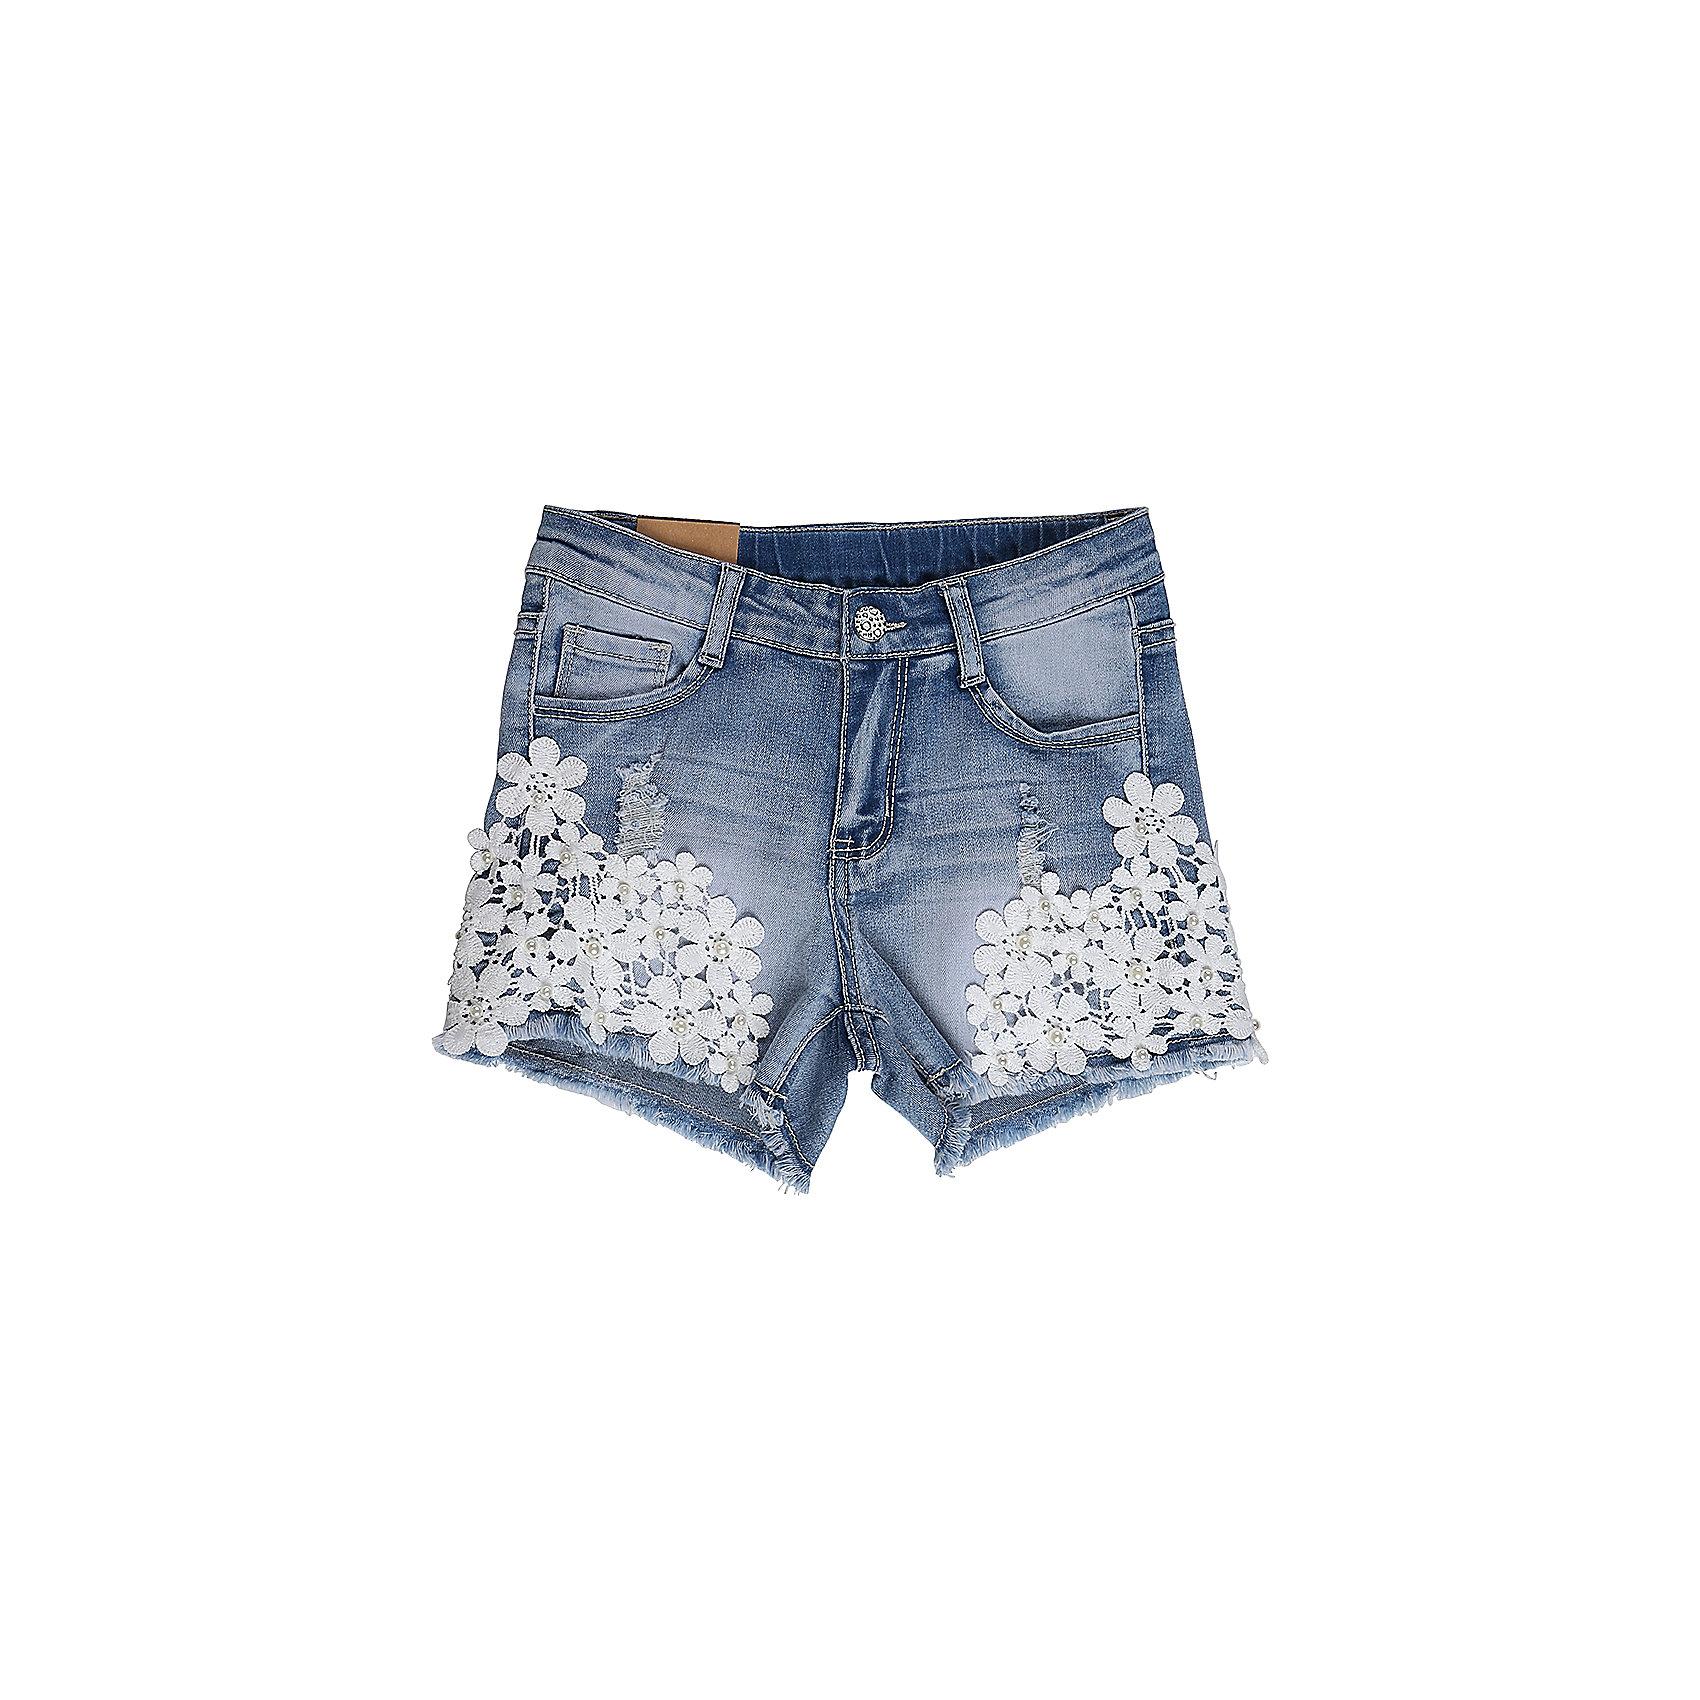 Шорты джинсовые для девочки LuminosoДжинсовая одежда<br>Джинсовые шорты для девочки Декорированые плетеным кружевом по бокам штани. Застегиваются на молнию и пуговицу.  В боковой части пояса находятся вшитые эластичные ленты, регулирующие посадку по талии.<br>Состав:<br>98%хлопок 2%эластан<br><br>Ширина мм: 191<br>Глубина мм: 10<br>Высота мм: 175<br>Вес г: 273<br>Цвет: голубой<br>Возраст от месяцев: 96<br>Возраст до месяцев: 108<br>Пол: Женский<br>Возраст: Детский<br>Размер: 134,140,146,152,158,164<br>SKU: 5412982